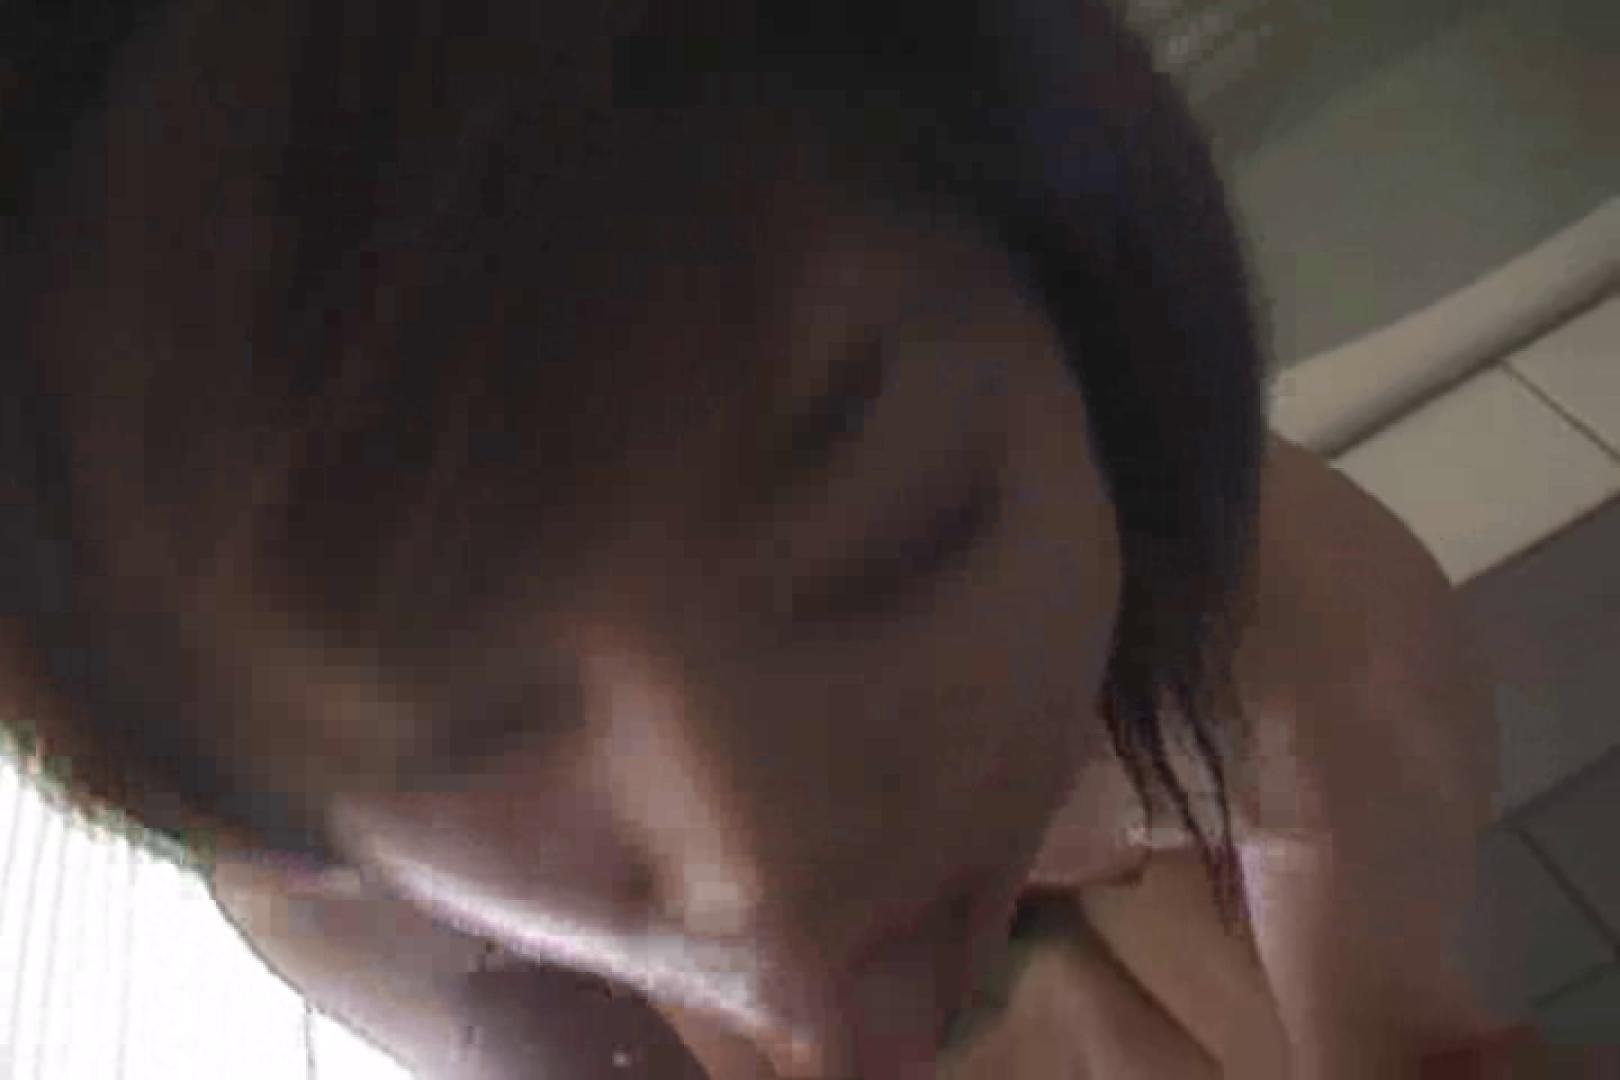 素人嬢126人のハメ撮り 川村美幸 フェラ   すけべな素人  106画像 55